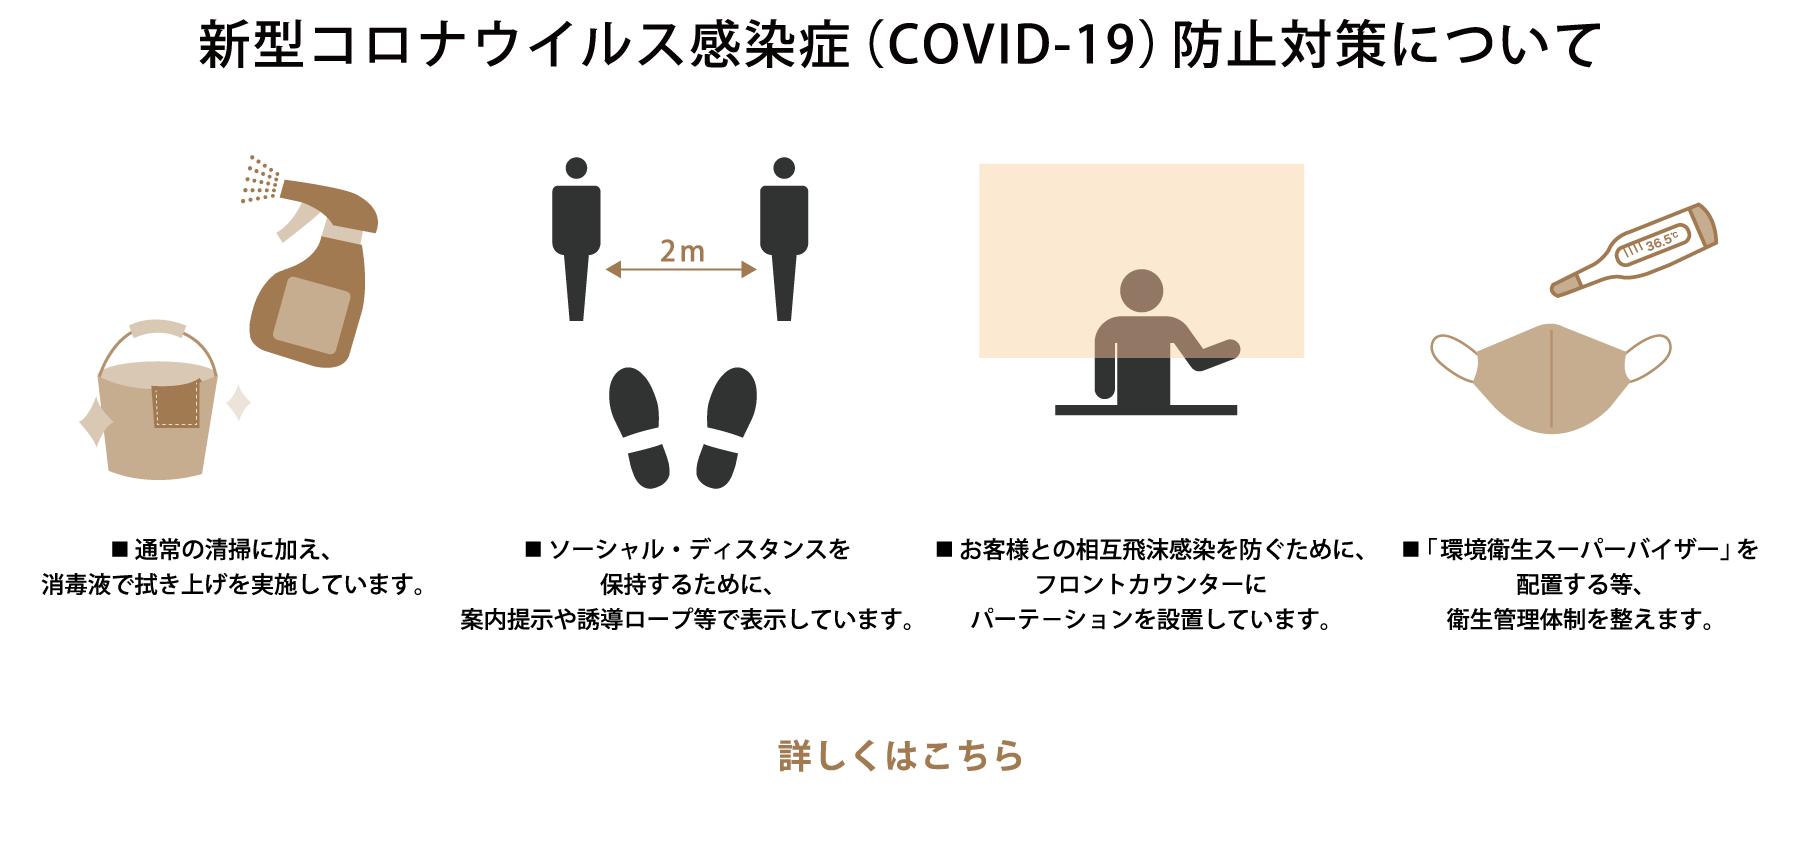 コロナ 福井 経路 県 感染